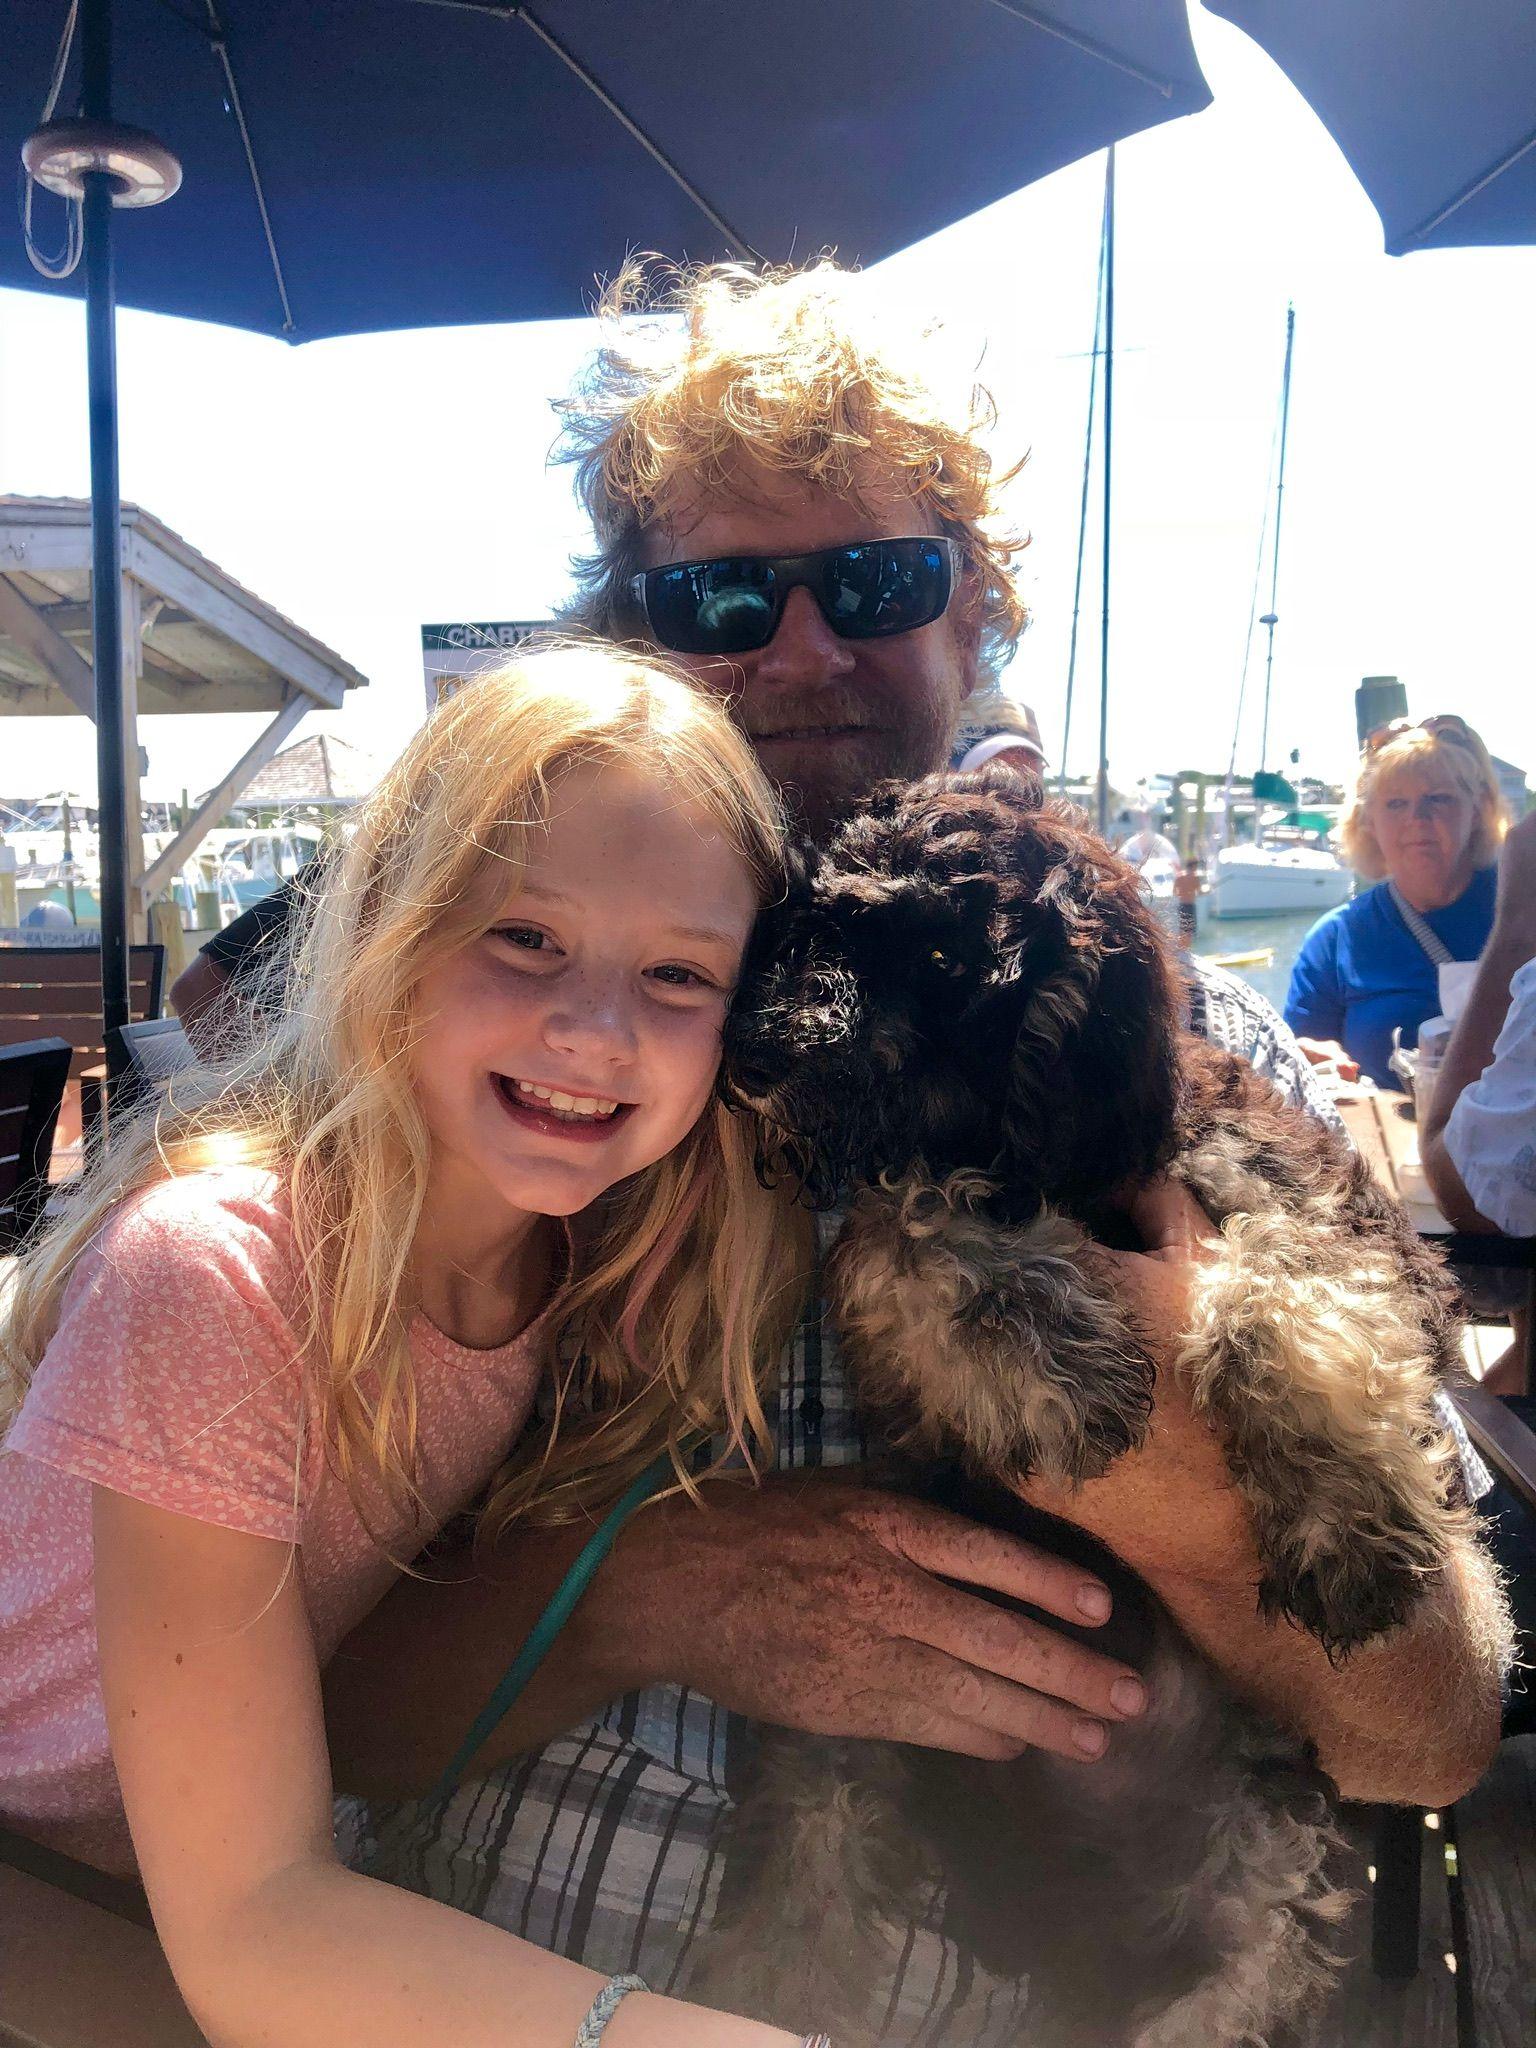 Schnauzer Puppies For Sale In Dallas Texas Ideas